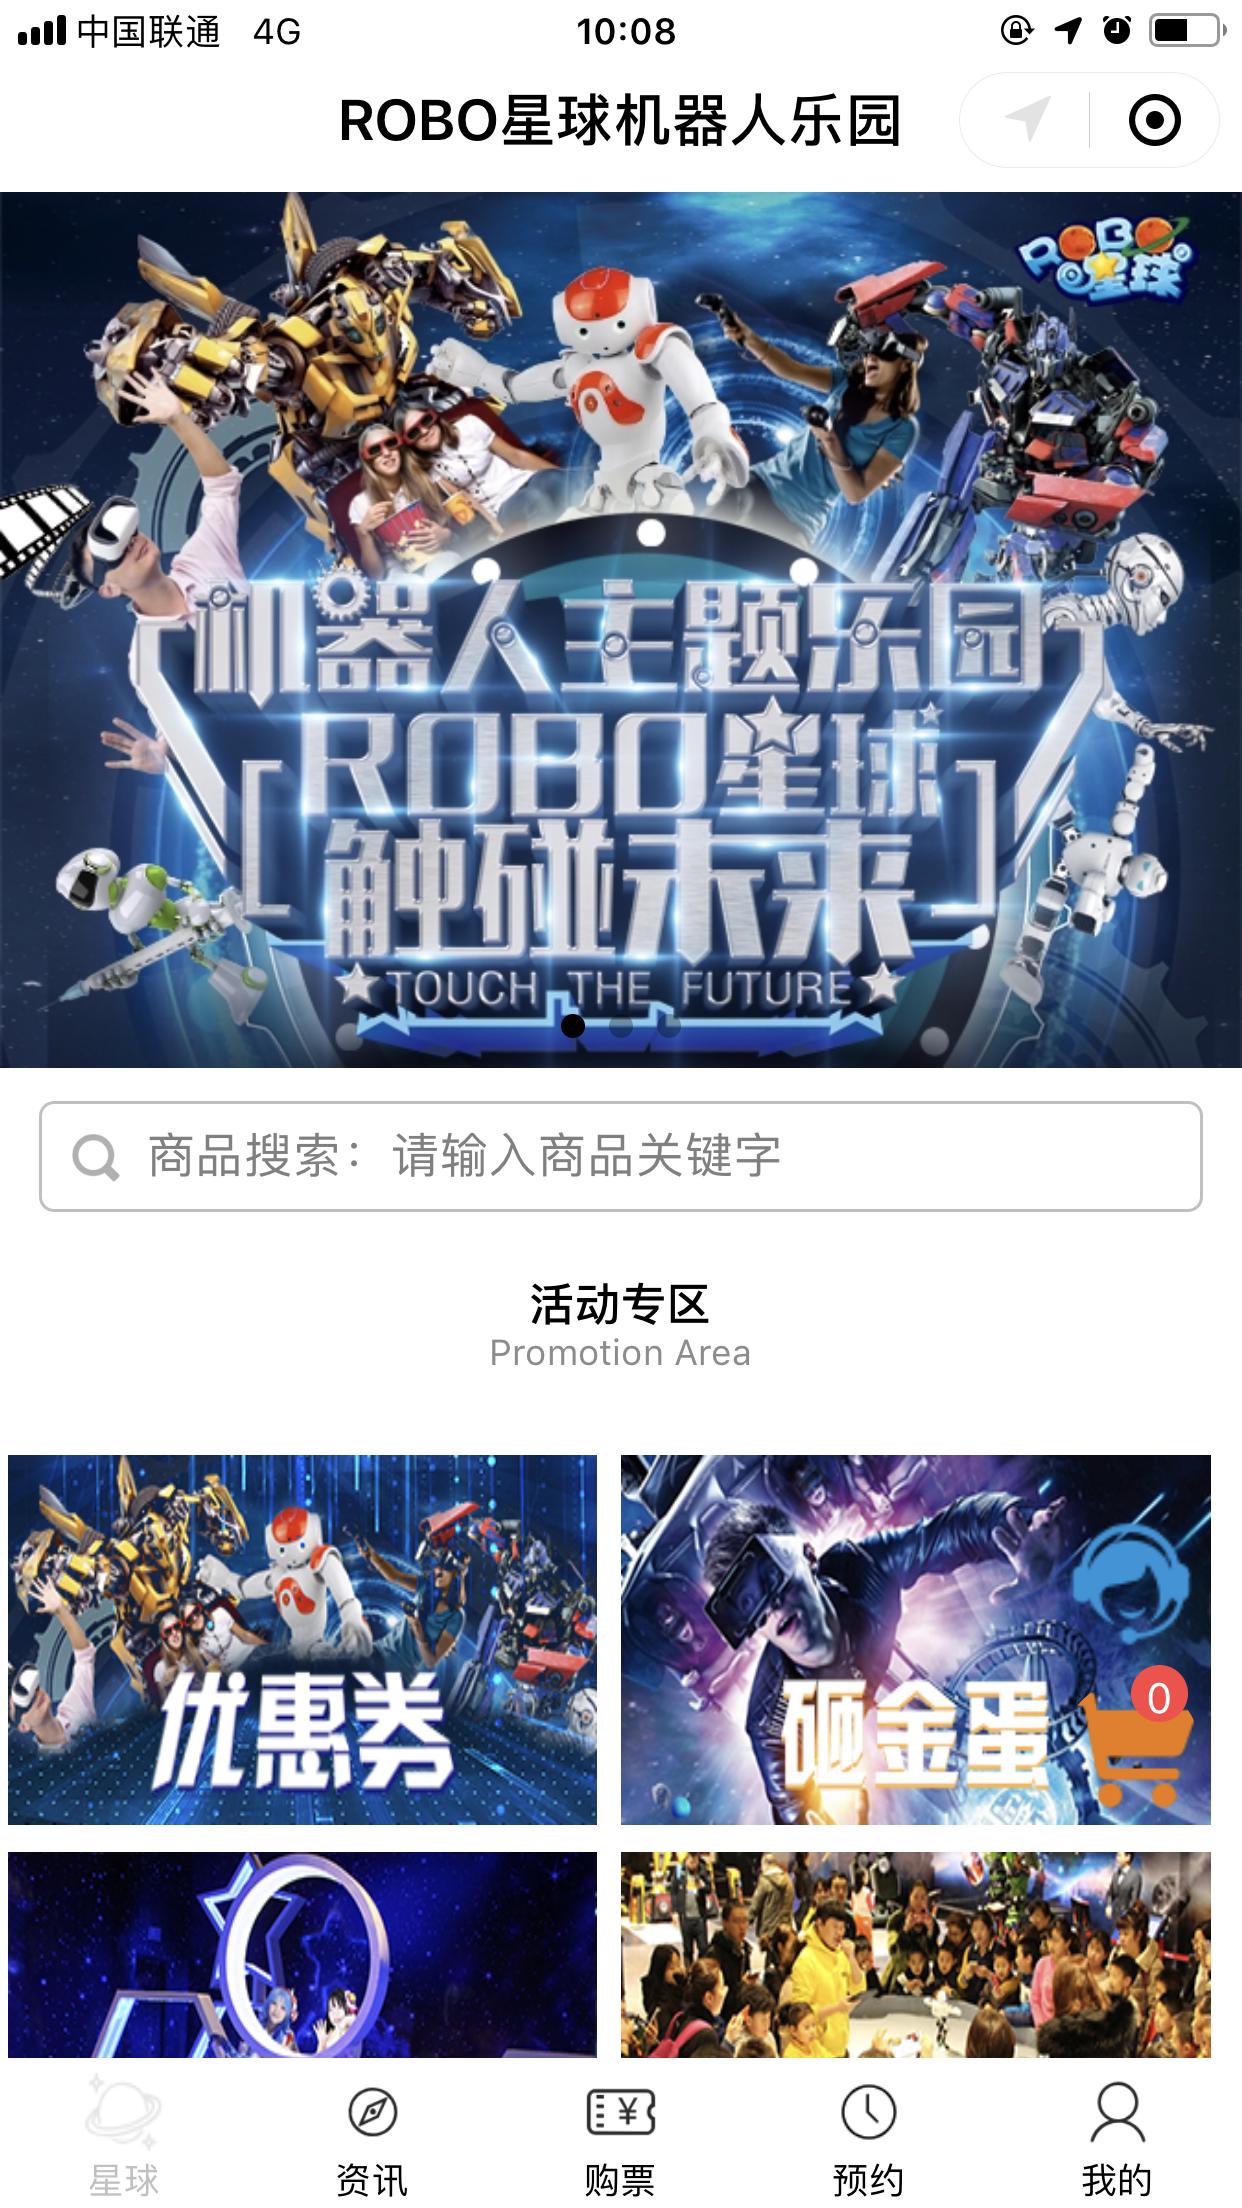 微信ROBO星球机器人乐园小程序